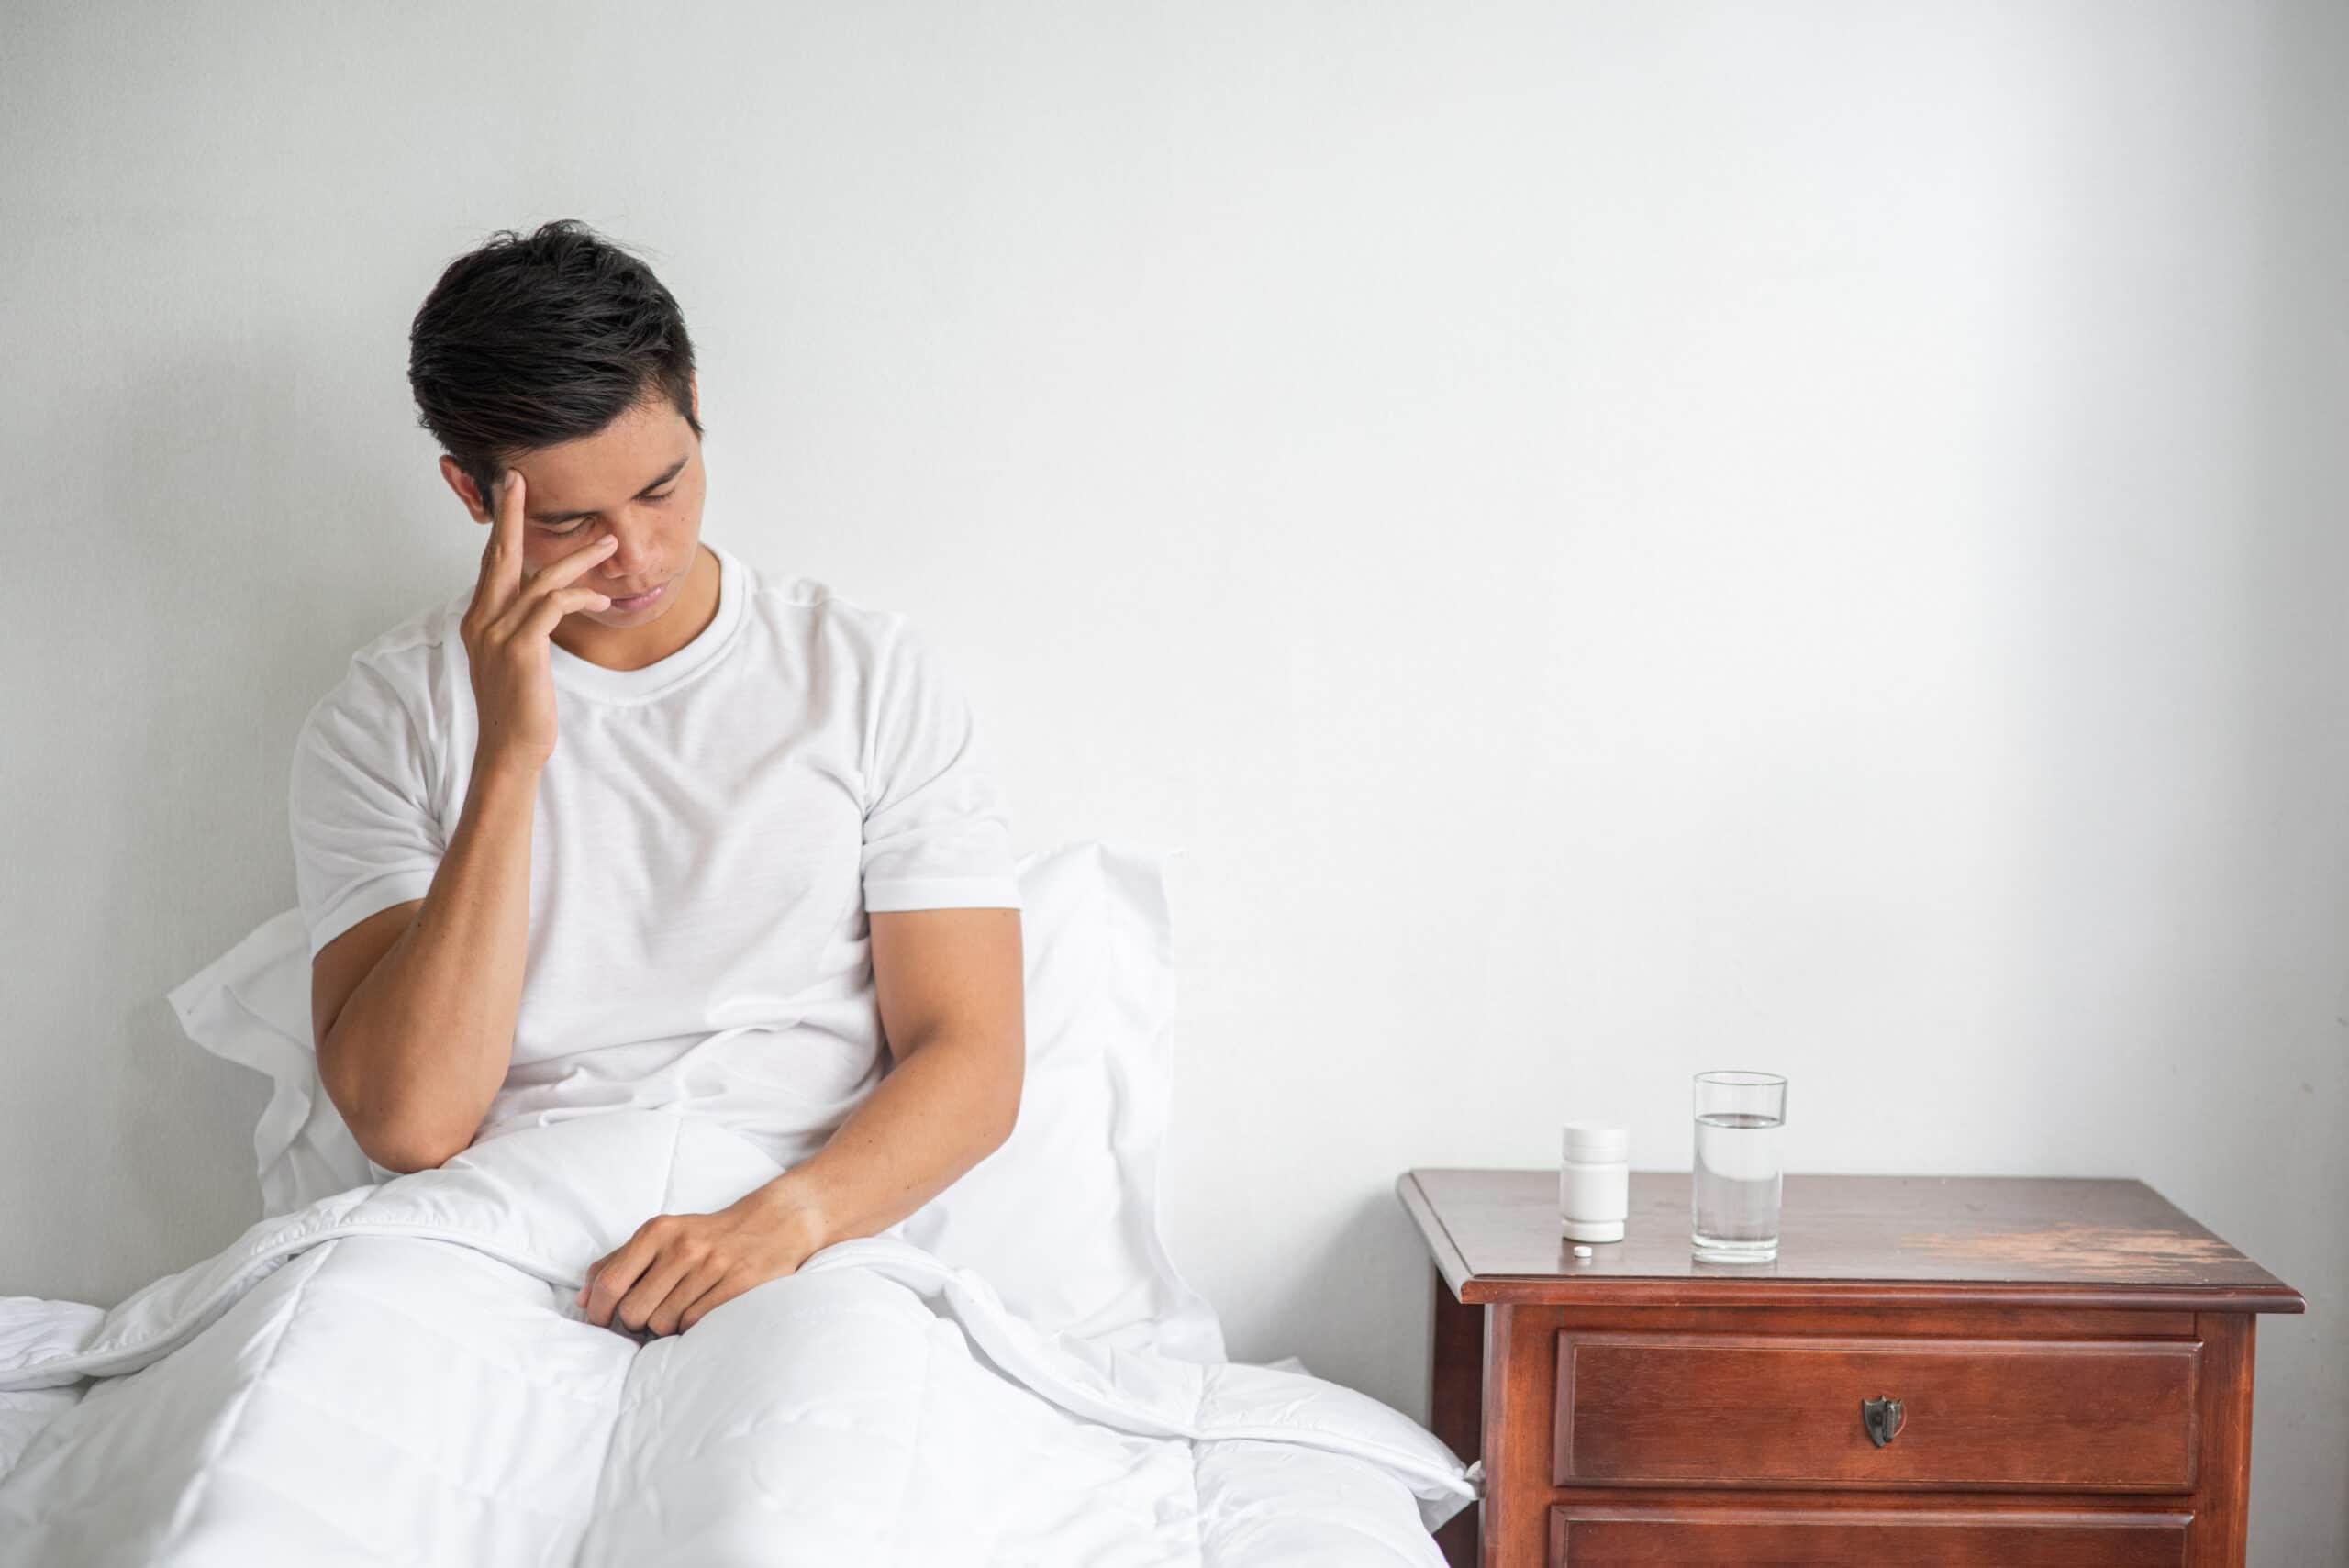 Ból podbrzusza u mężczyzn – jakie ma przyczyny i co może oznaczać?